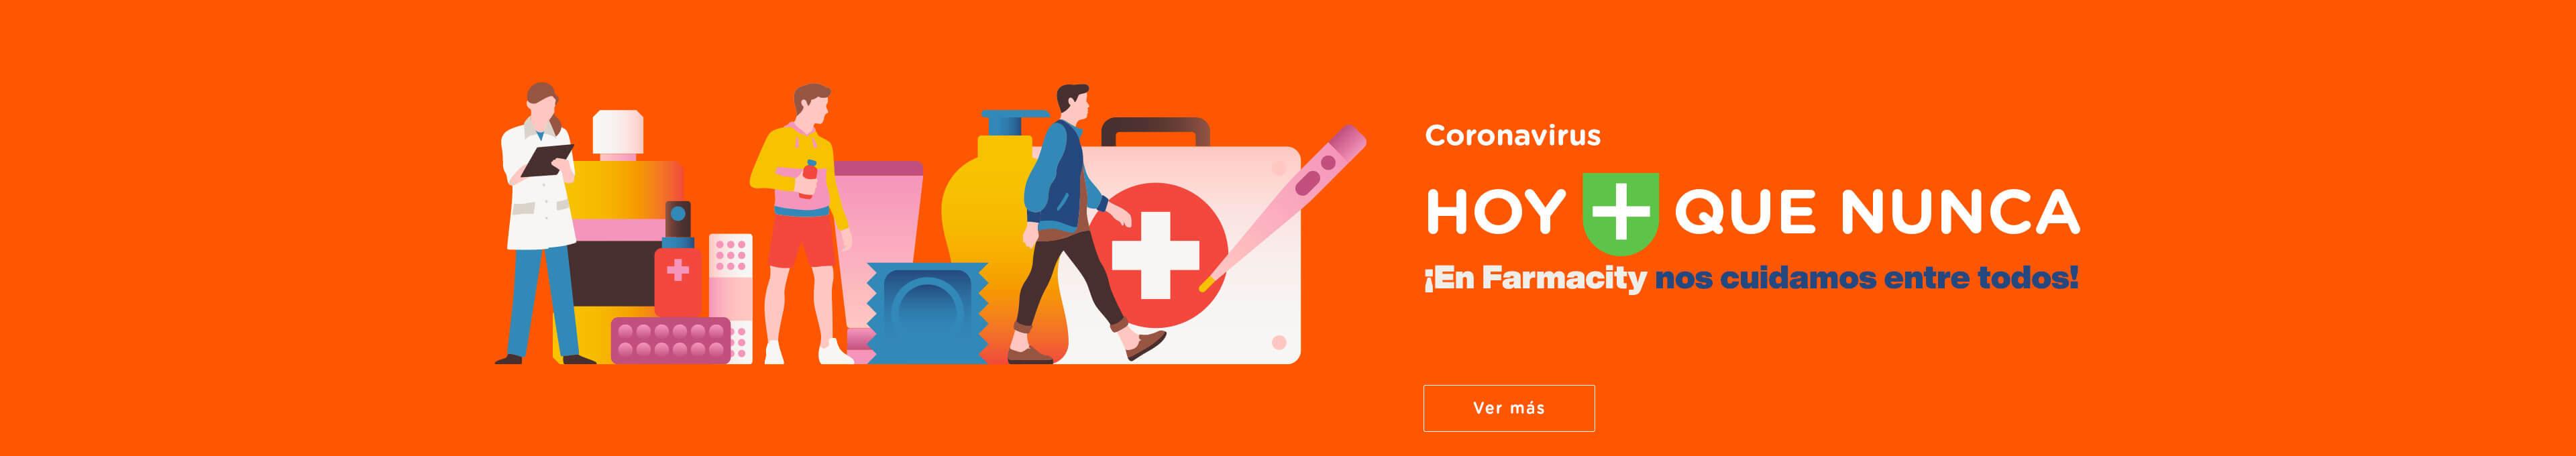 Landing Coronavirus